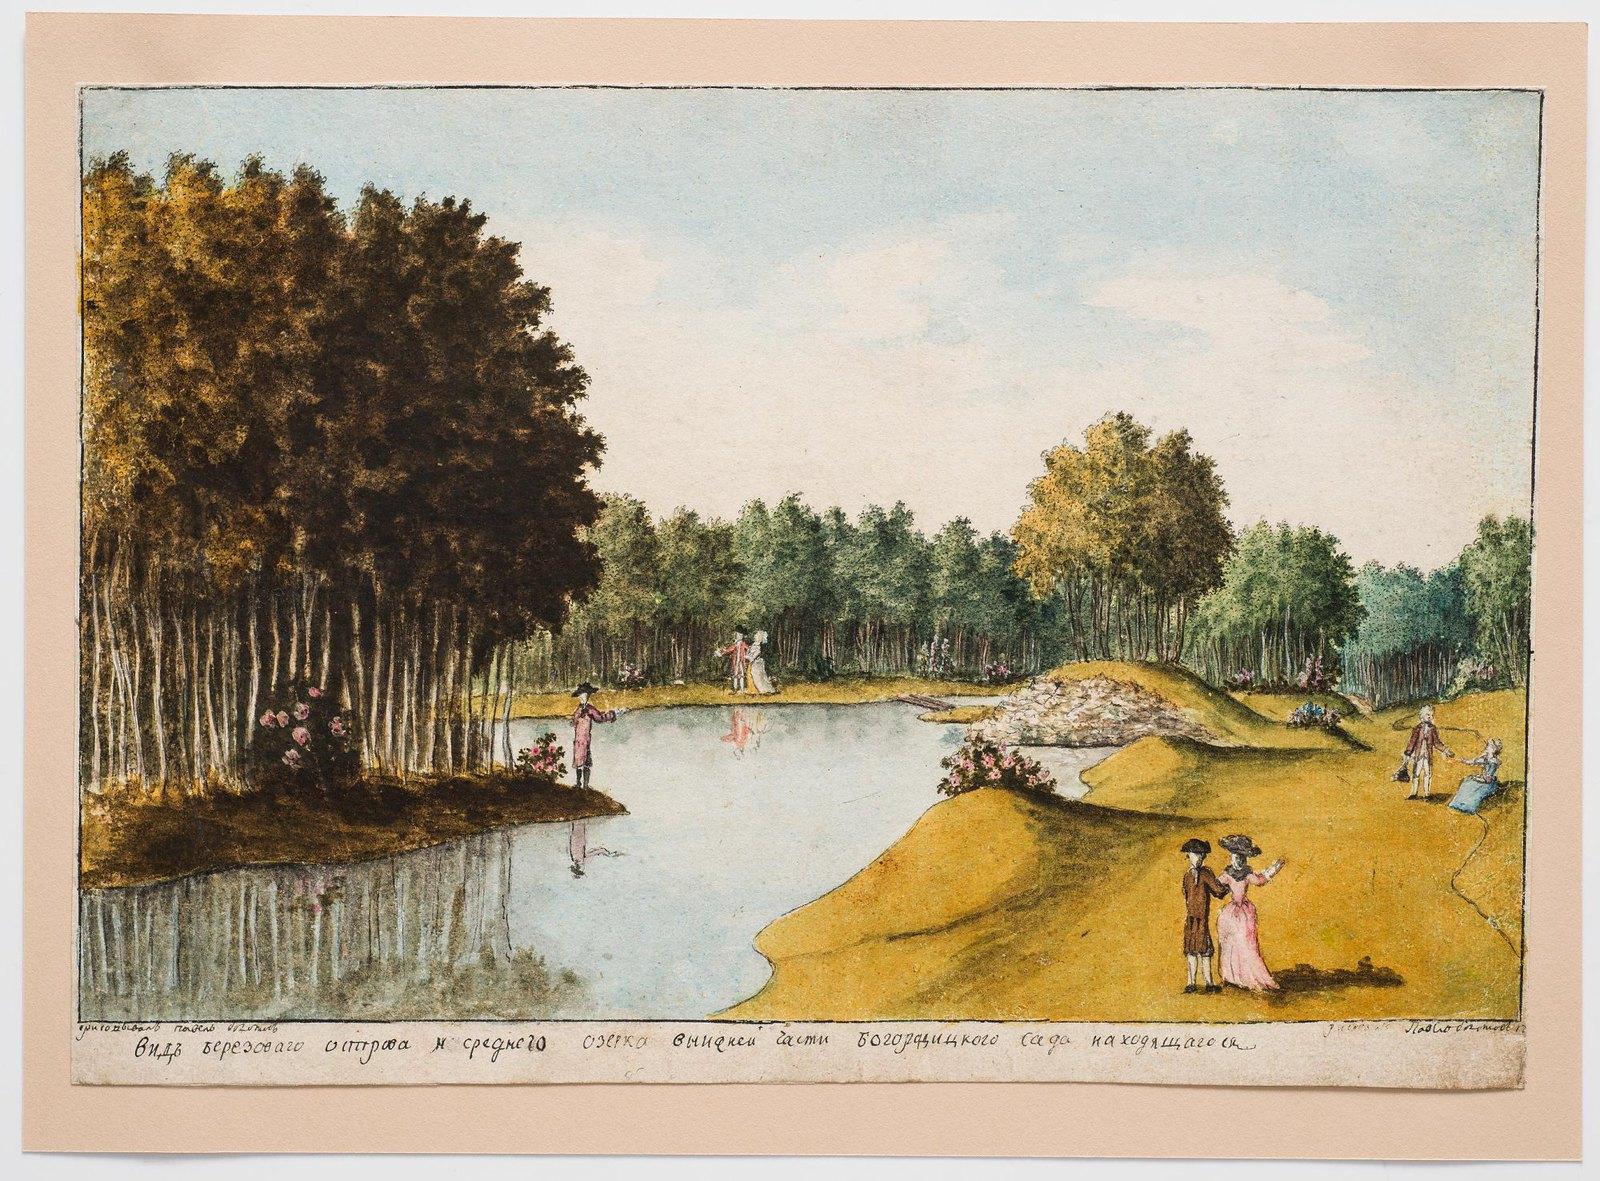 Вид Березового острова на Среднем пруду в Богородицком парке (Вид Березового острова и среднего озерка в нижней части Богородицкого Сада находящегося)